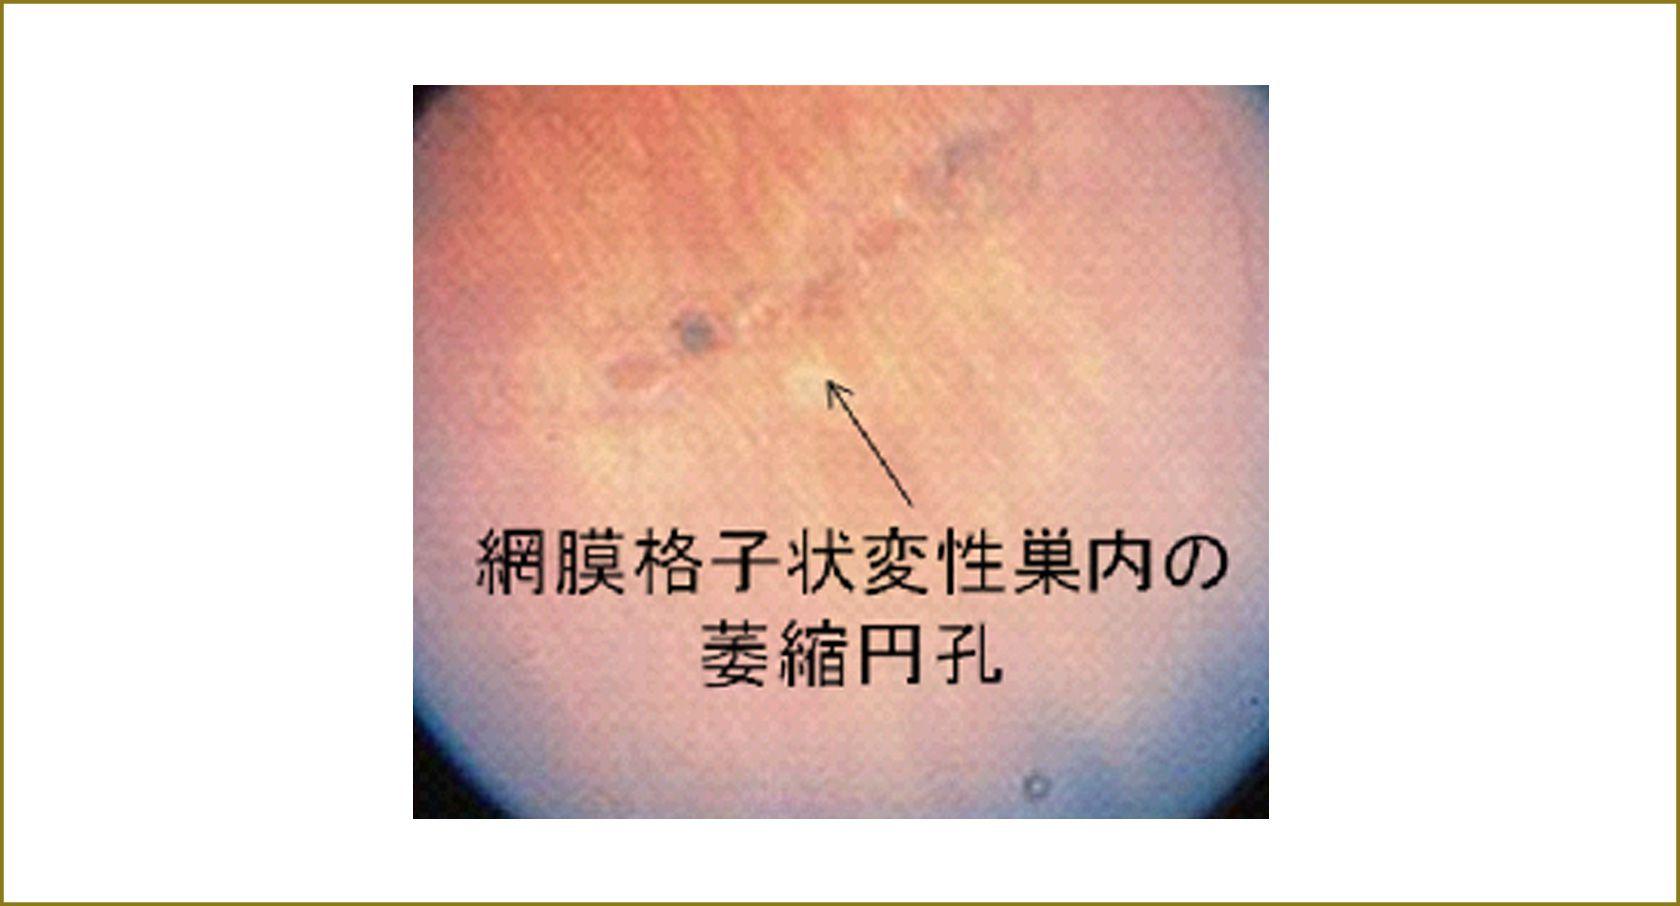 網膜格子状巣内の萎縮網膜円孔